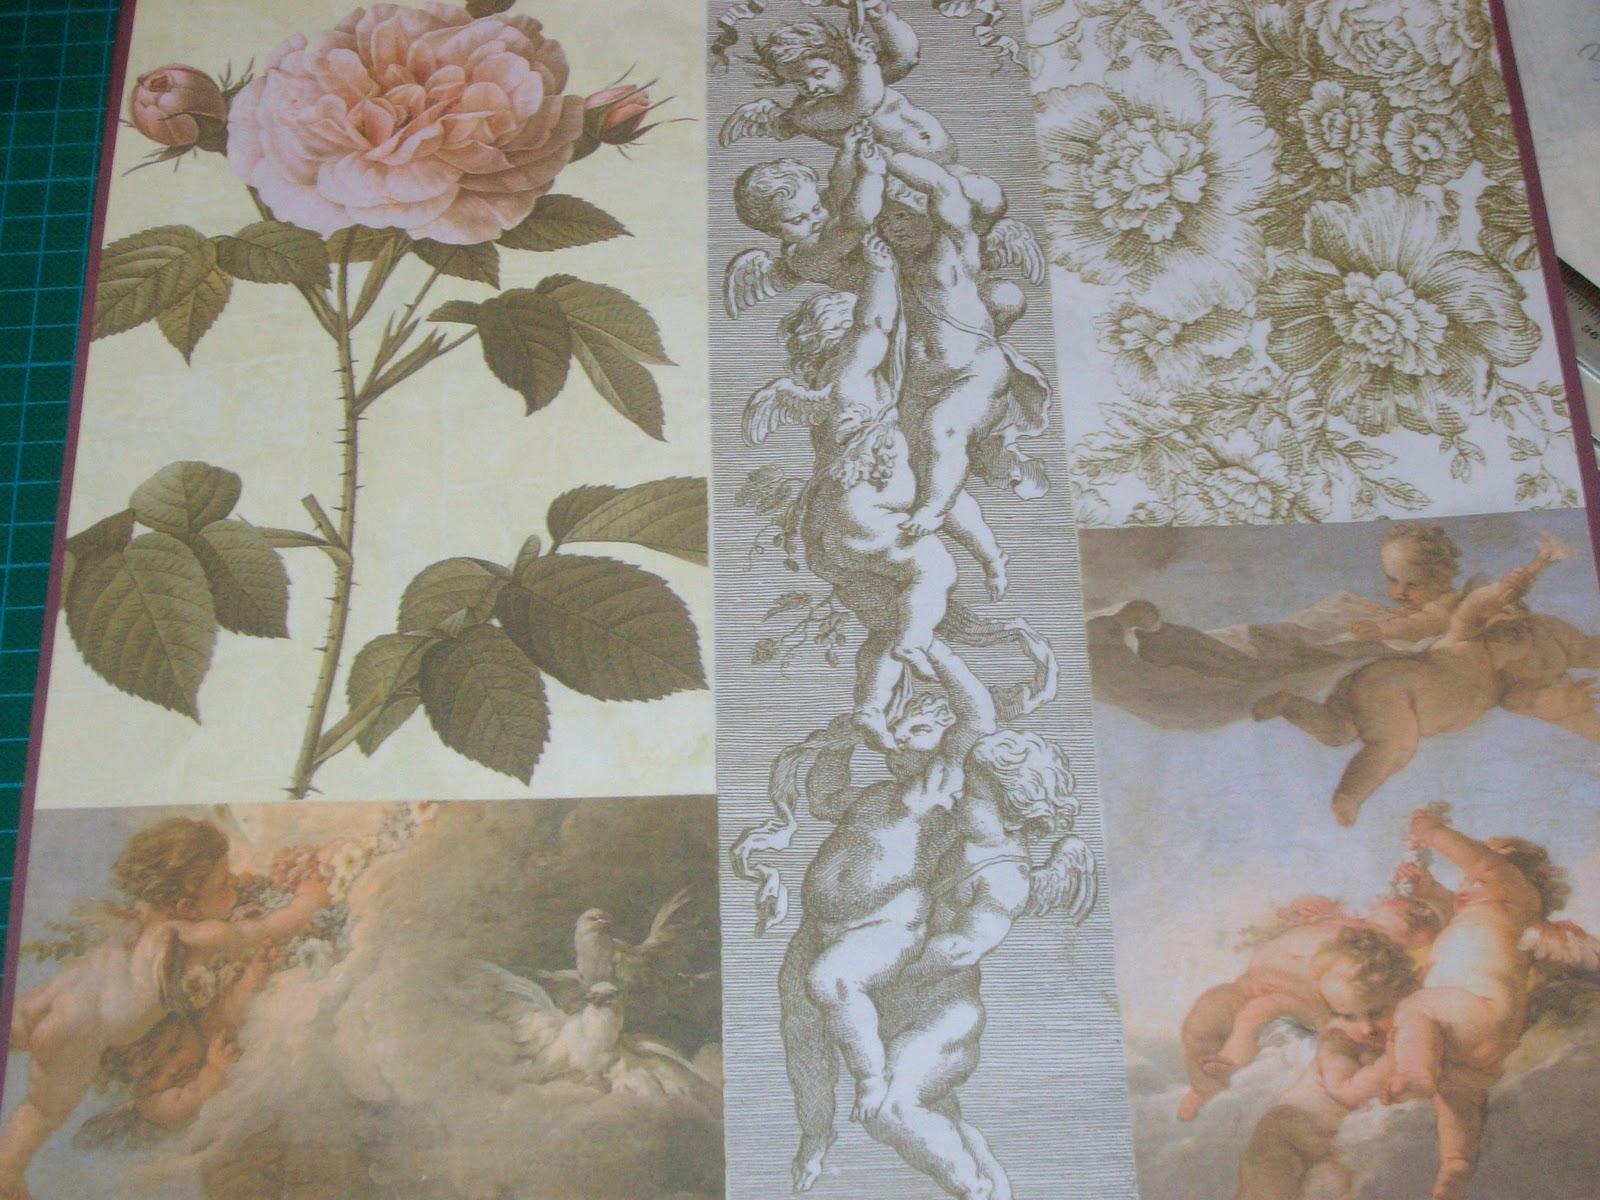 Papeles servilletas y telas de tere papel ngeles 02 - Papeles y telas ...